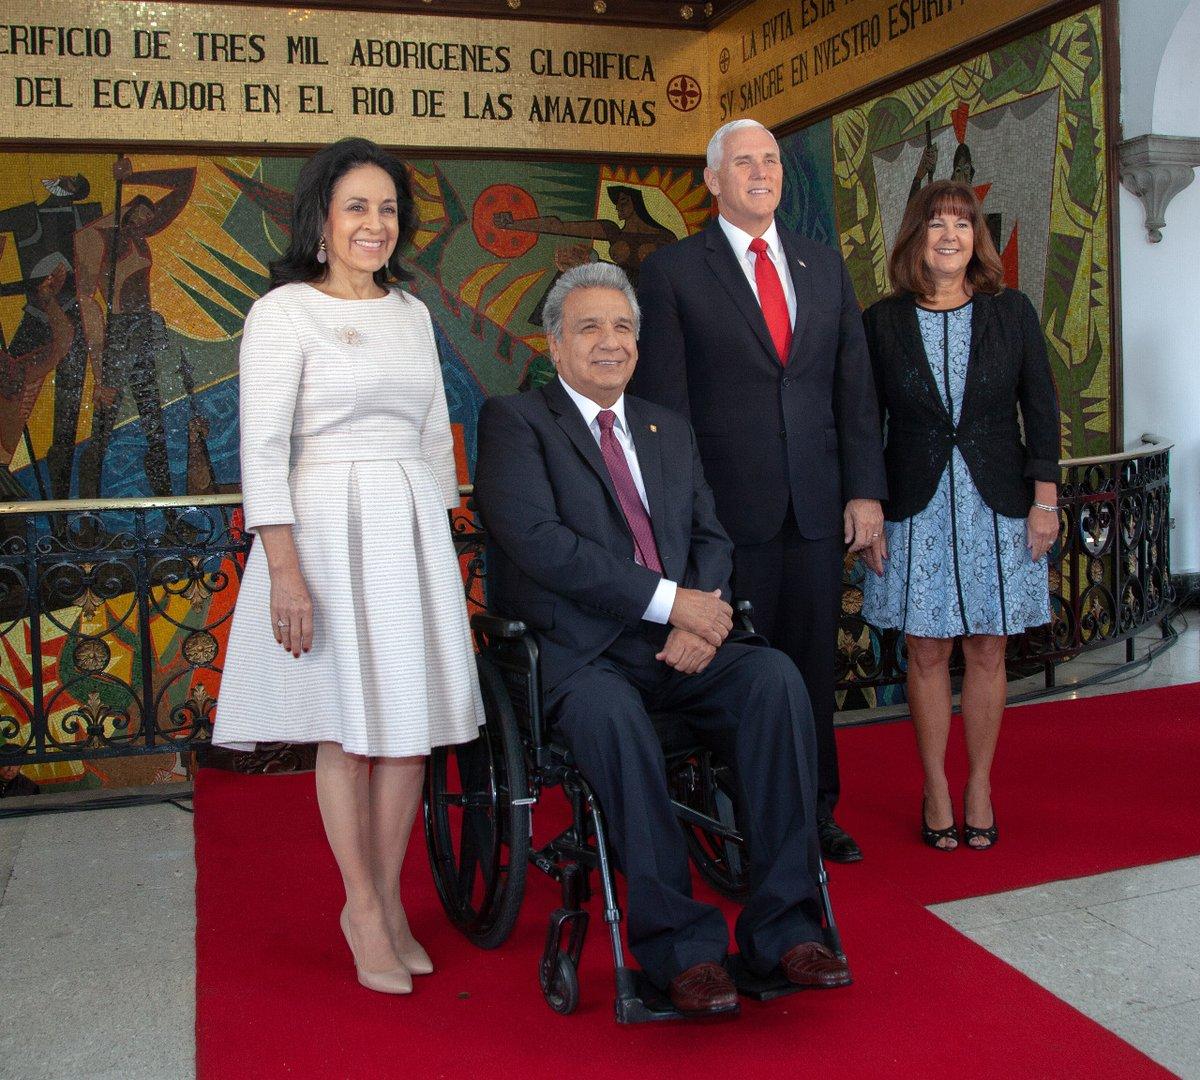 Presidente Moreno recibió a Mike Pence en el Palacio de Gobierno